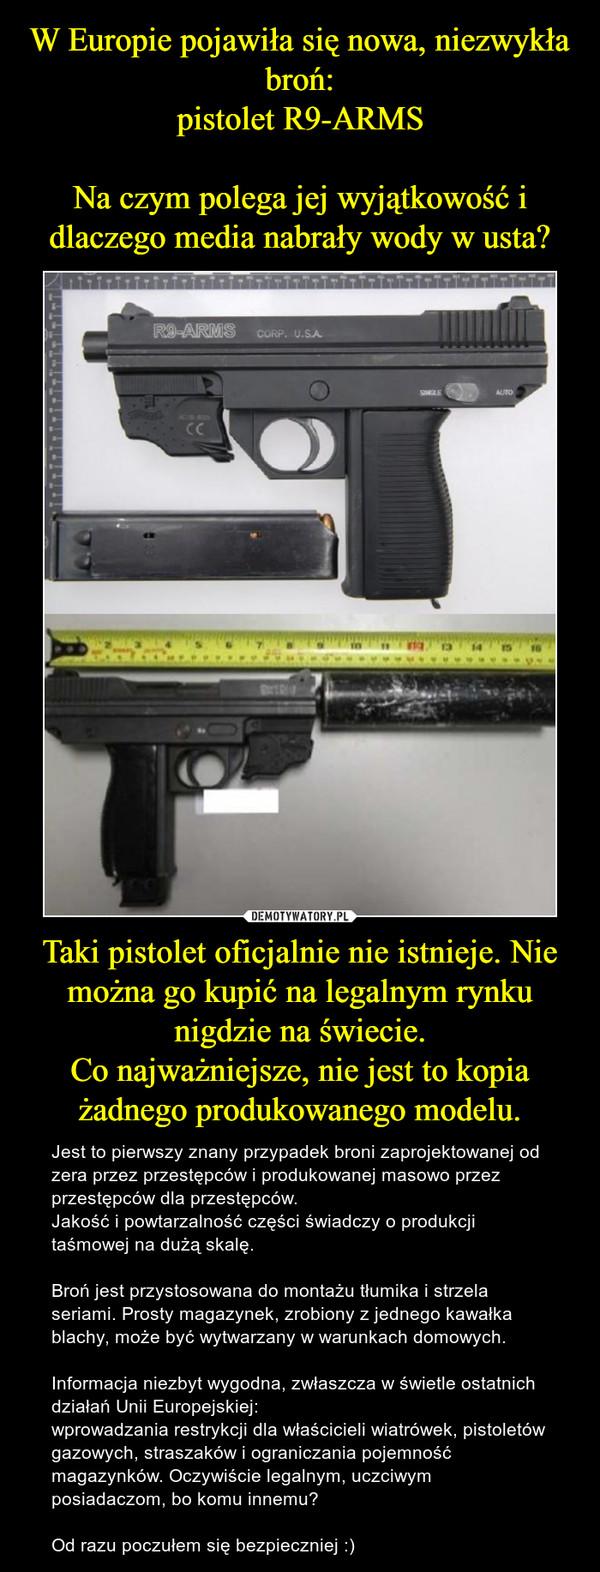 Taki pistolet oficjalnie nie istnieje. Nie można go kupić na legalnym rynku nigdzie na świecie.Co najważniejsze, nie jest to kopia żadnego produkowanego modelu. – Jest to pierwszy znany przypadek broni zaprojektowanej od zera przez przestępców i produkowanej masowo przez przestępców dla przestępców.Jakość i powtarzalność części świadczy o produkcji taśmowej na dużą skalę.Broń jest przystosowana do montażu tłumika i strzela seriami. Prosty magazynek, zrobiony z jednego kawałka blachy, może być wytwarzany w warunkach domowych.Informacja niezbyt wygodna, zwłaszcza w świetle ostatnich działań Unii Europejskiej:wprowadzania restrykcji dla właścicieli wiatrówek, pistoletów gazowych, straszaków i ograniczania pojemność magazynków. Oczywiście legalnym, uczciwym posiadaczom, bo komu innemu?Od razu poczułem się bezpieczniej :)